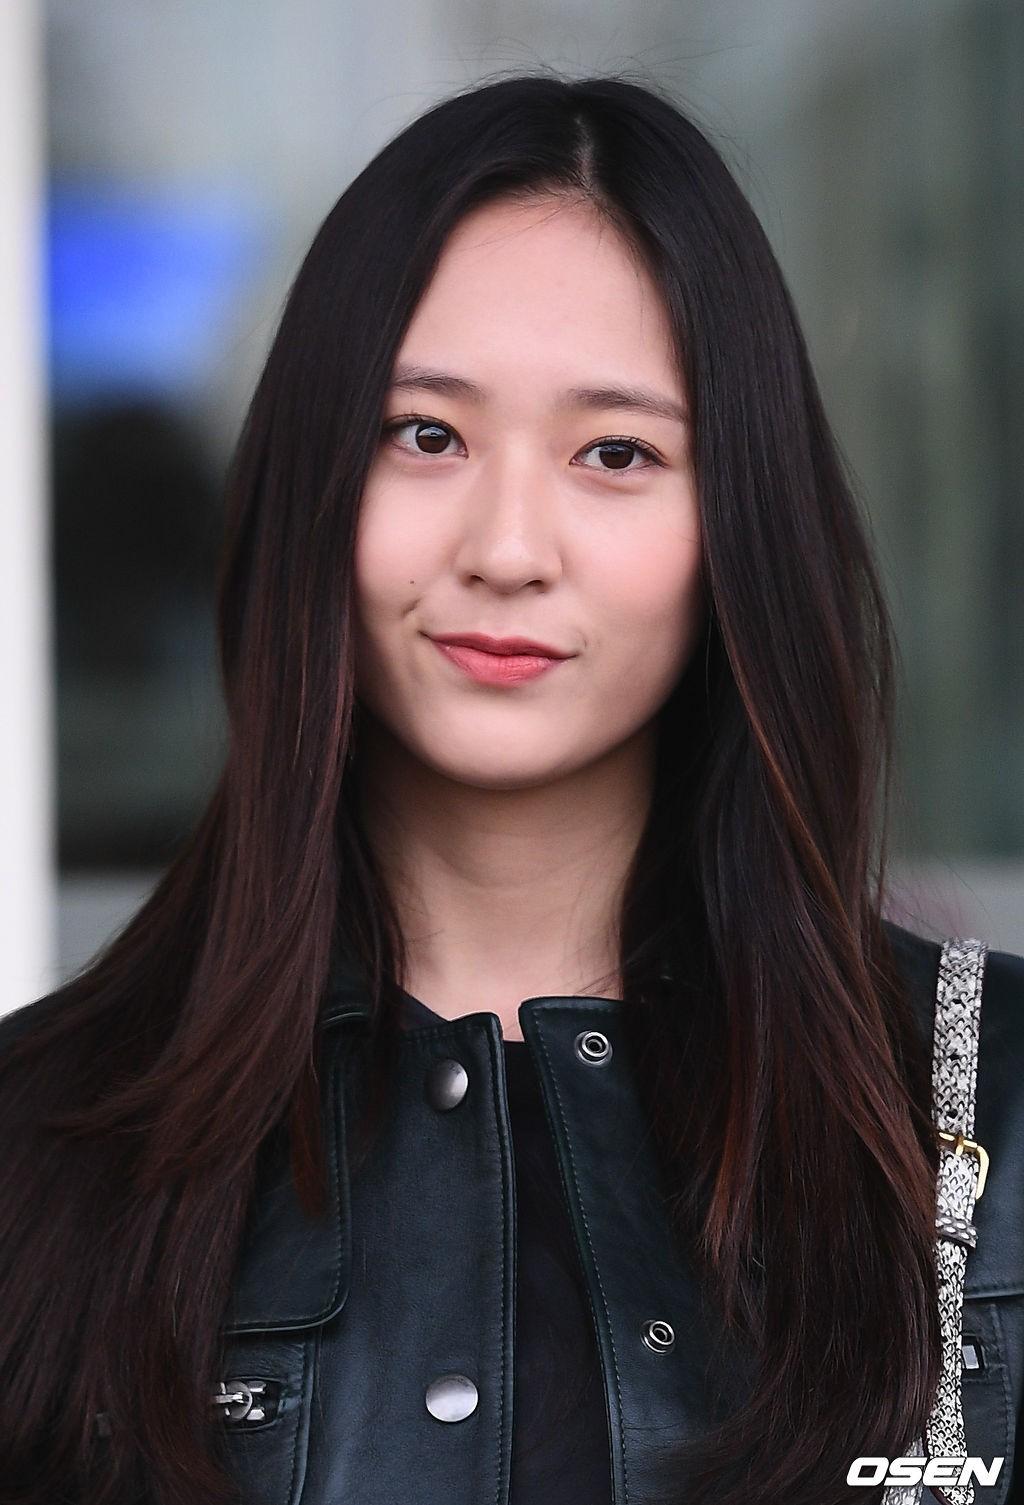 Cùng tăng cân khi xuất hiện tại sân bay: Krystal bị chê vừa thô vừa xuống sắc, Seohyun được khen xinh rạng rỡ - Ảnh 7.